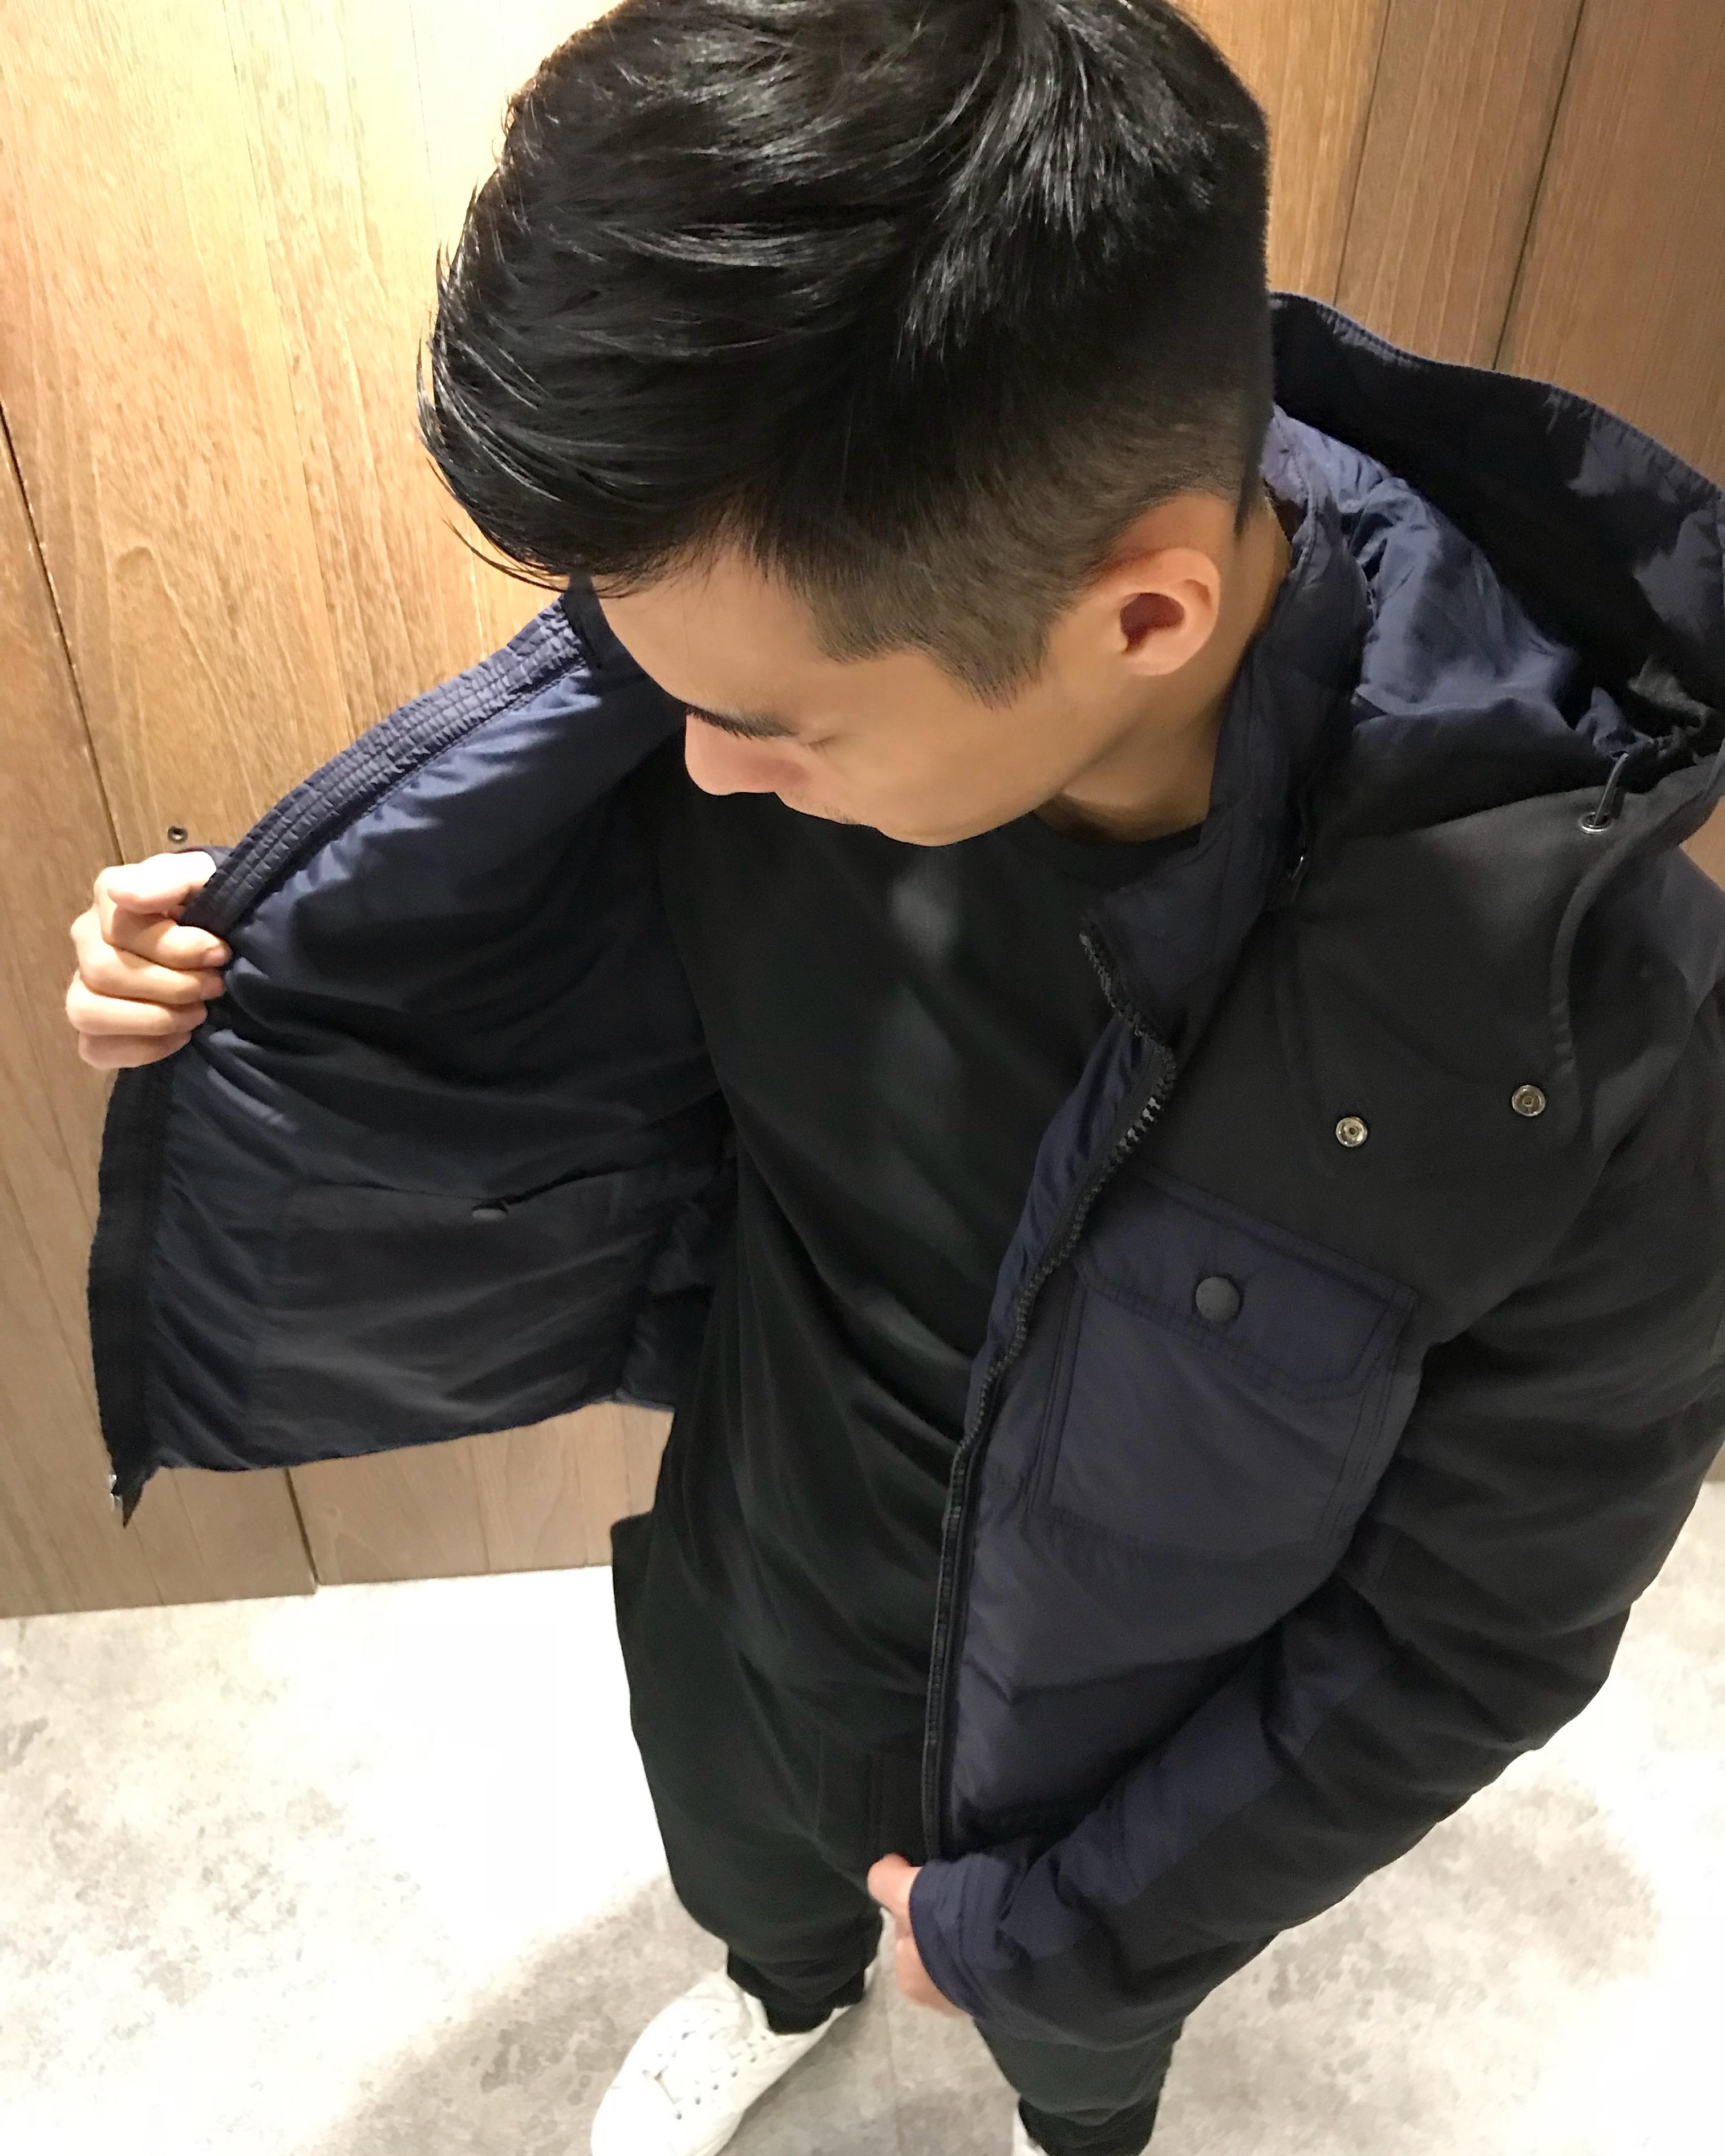 美國百分百【全新真品】Tommy Hilfiger 羽絨 外套 TH 夾克 連帽 軍裝 風衣 深藍 男 S號 I837。流行男裝與男鞋人氣店家美國百分百的首頁有最棒的商品。快到日本NO.1的Rakut